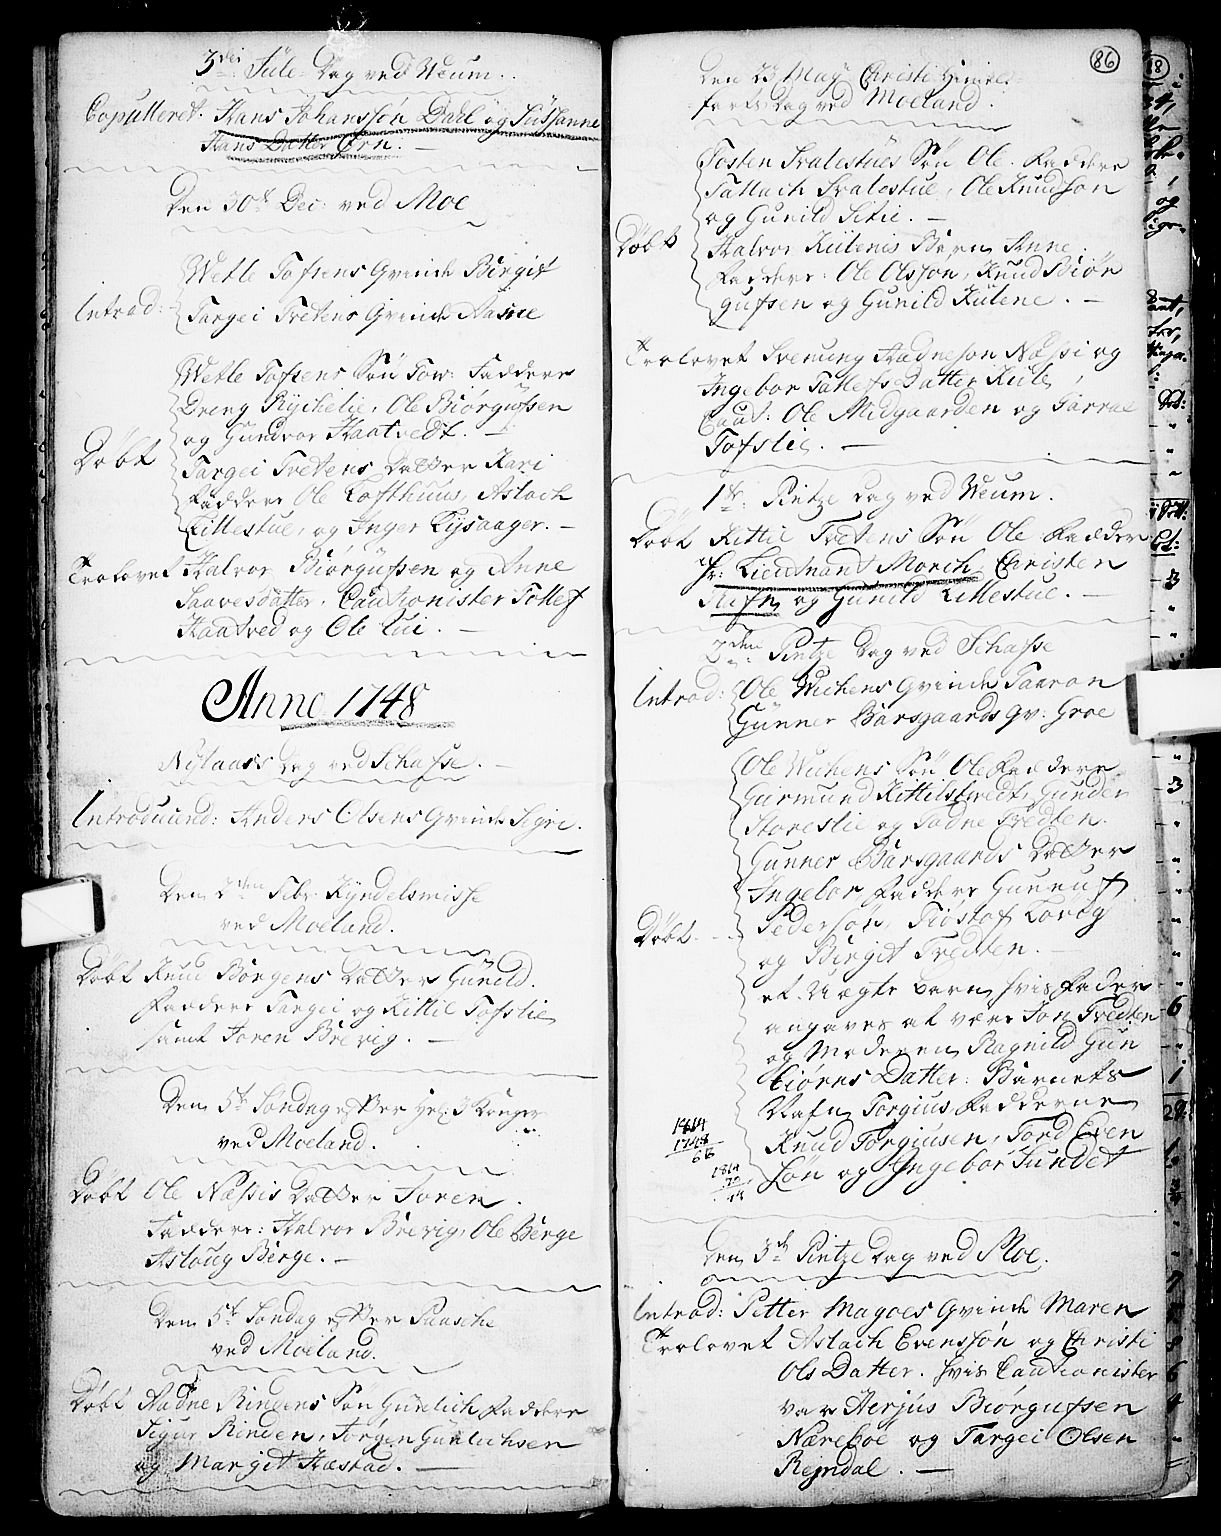 SAKO, Fyresdal kirkebøker, F/Fa/L0001: Ministerialbok nr. I 1, 1724-1748, s. 86